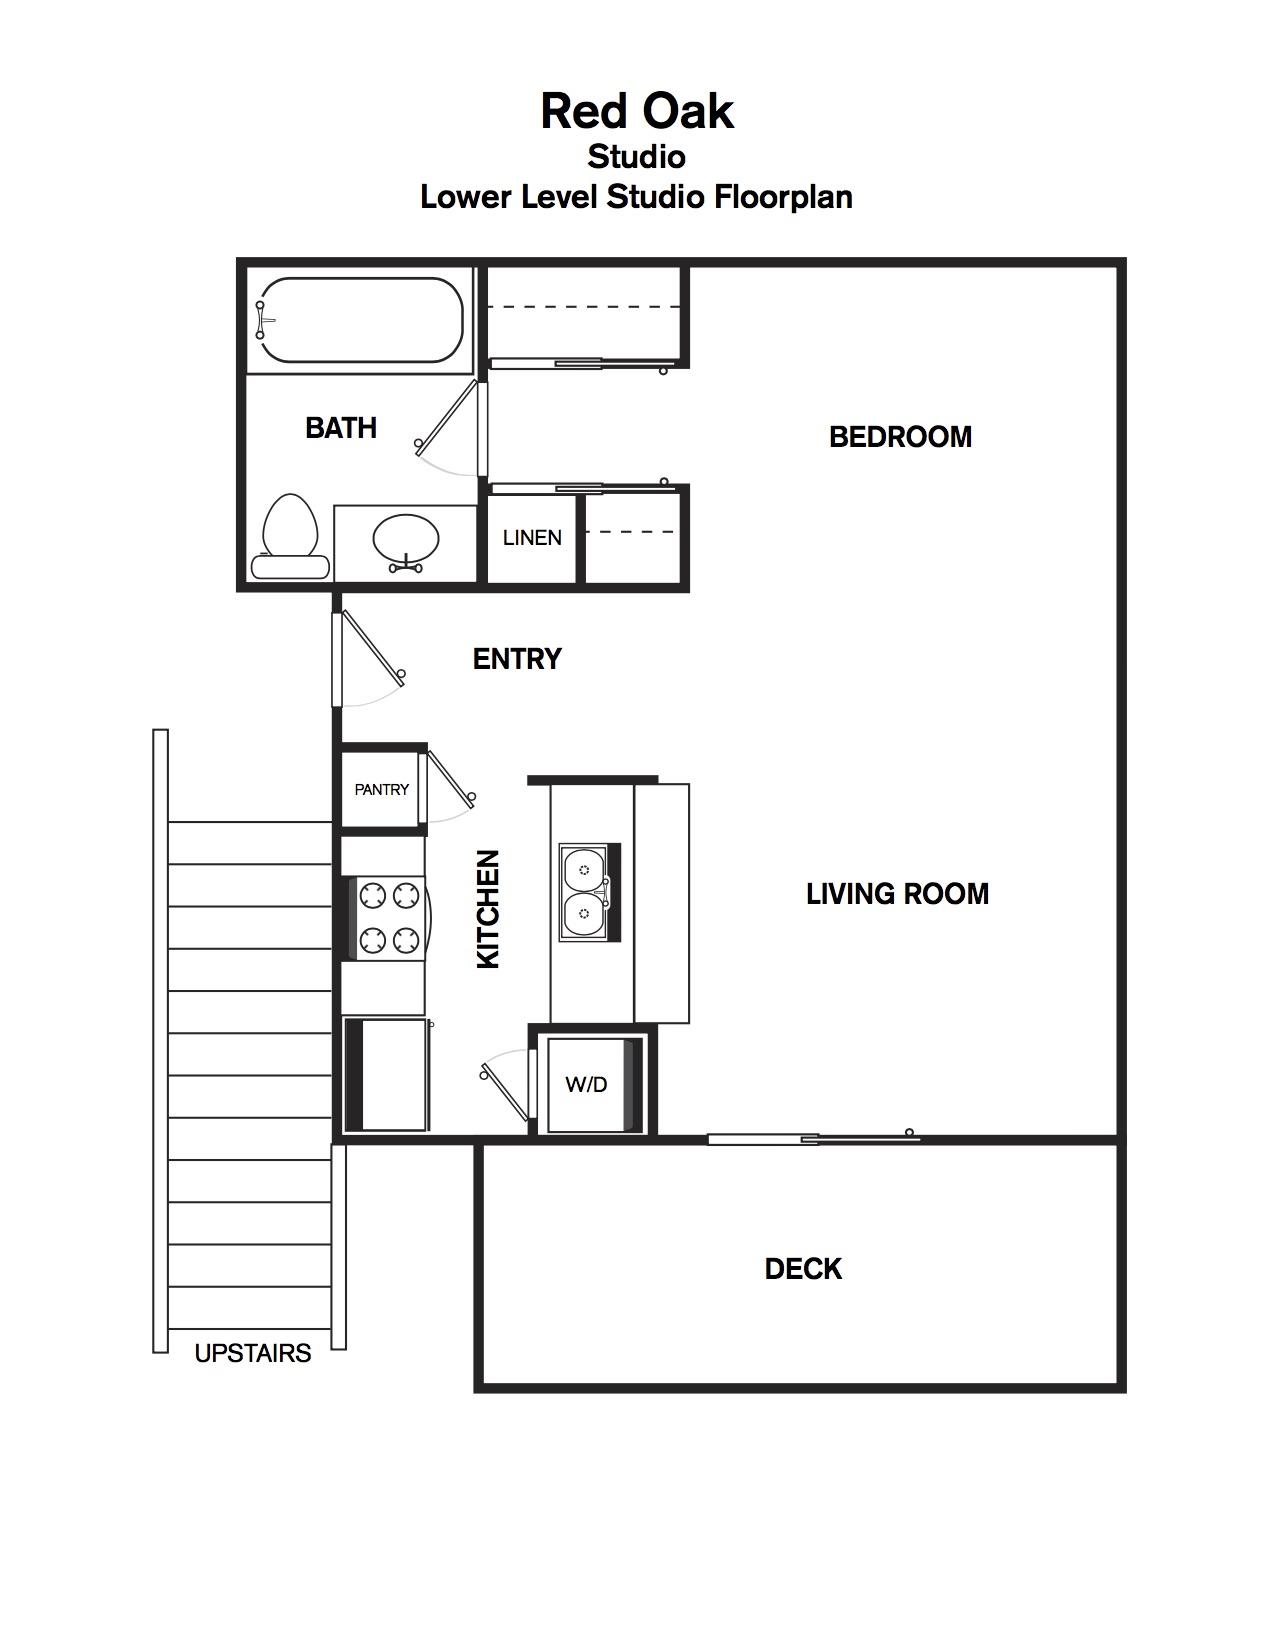 Red Oak - lower level studio floorplan